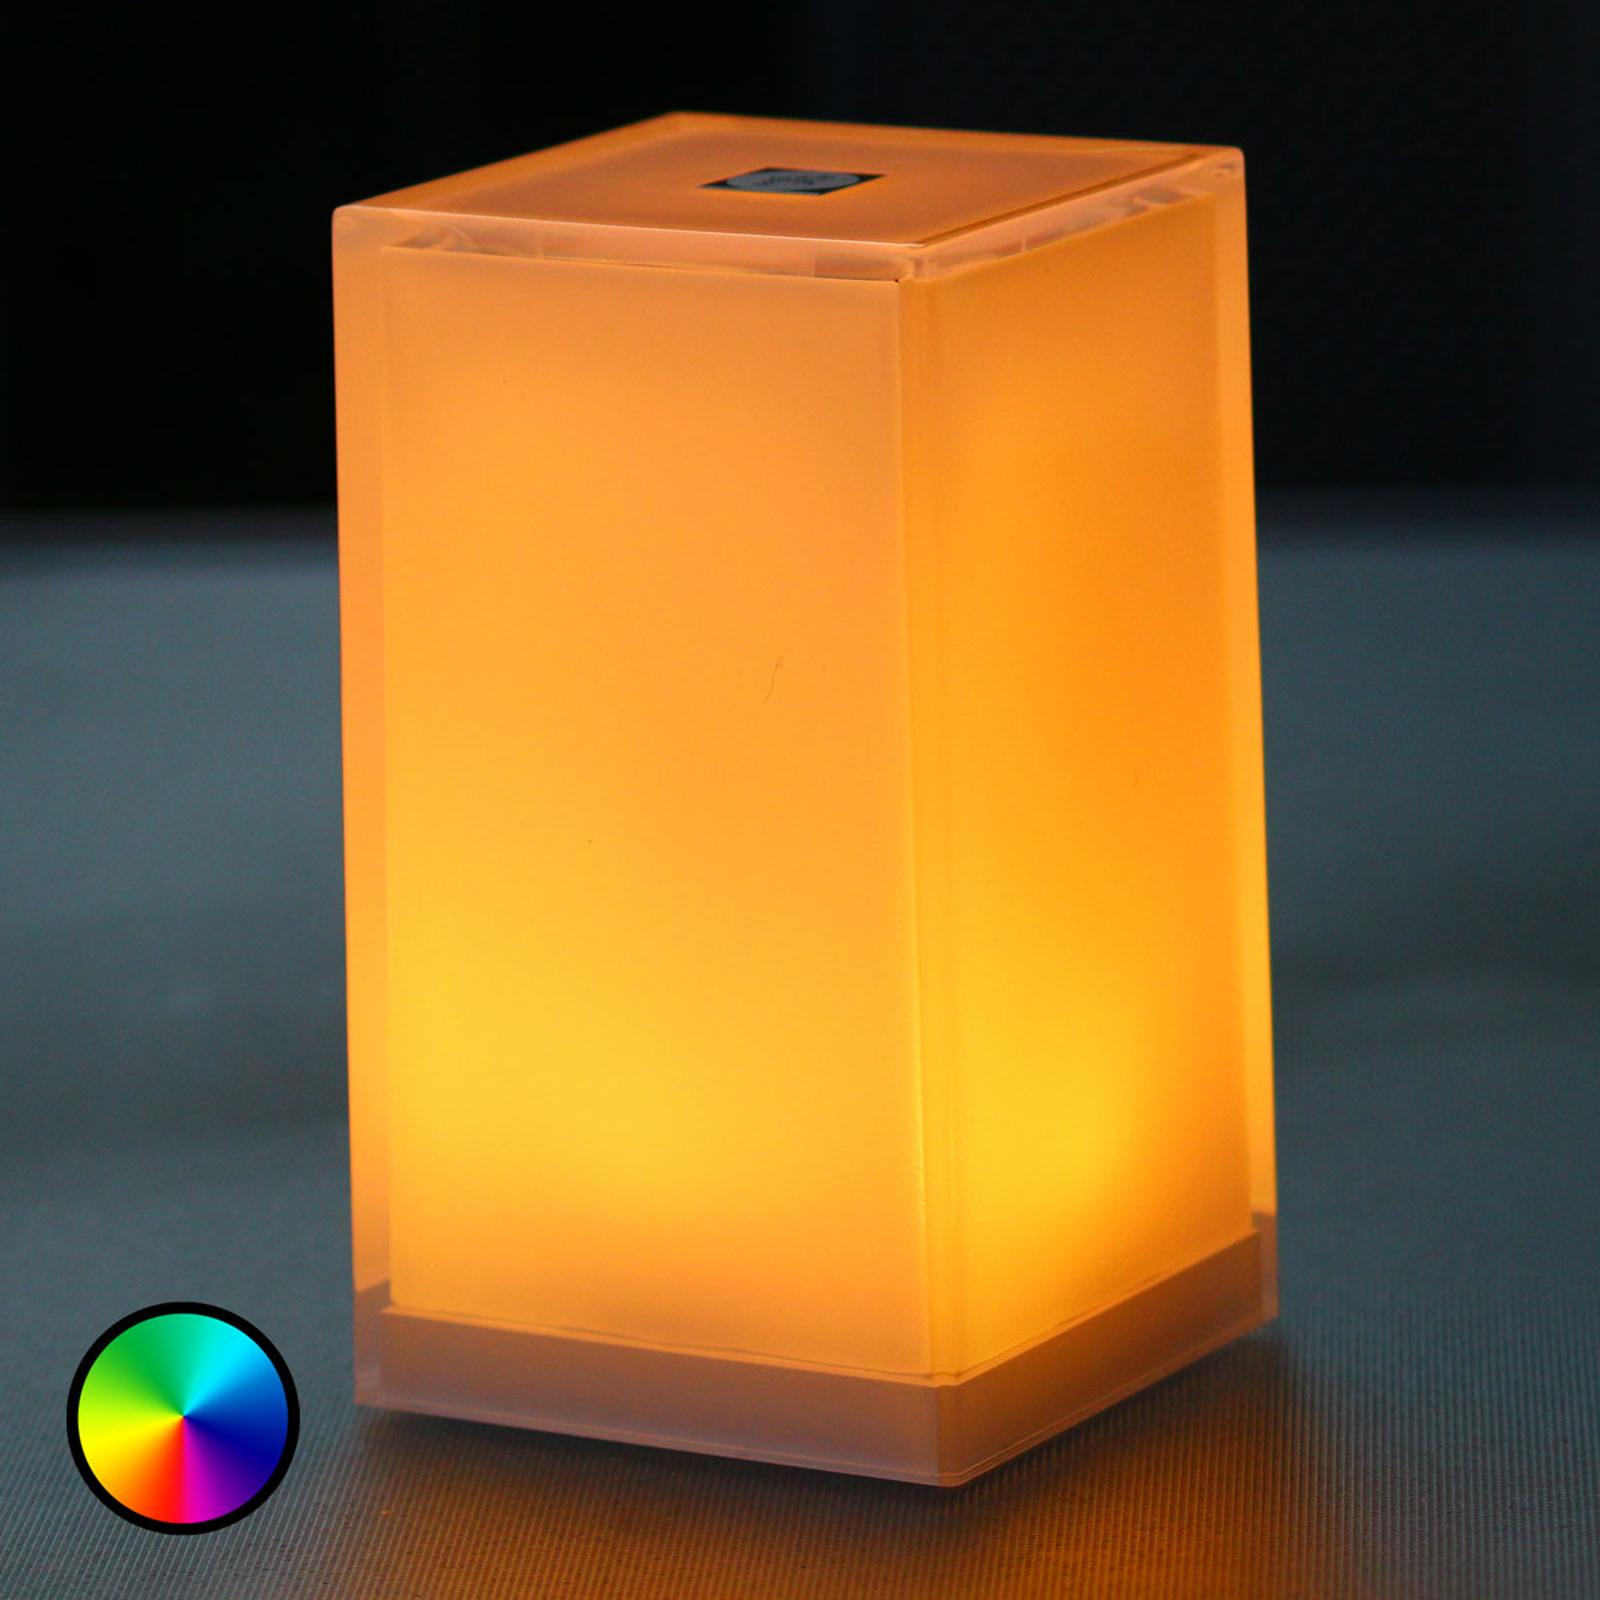 Cub-pöytävalaisin, 6 kpl, sovellusohjaus, RGBW